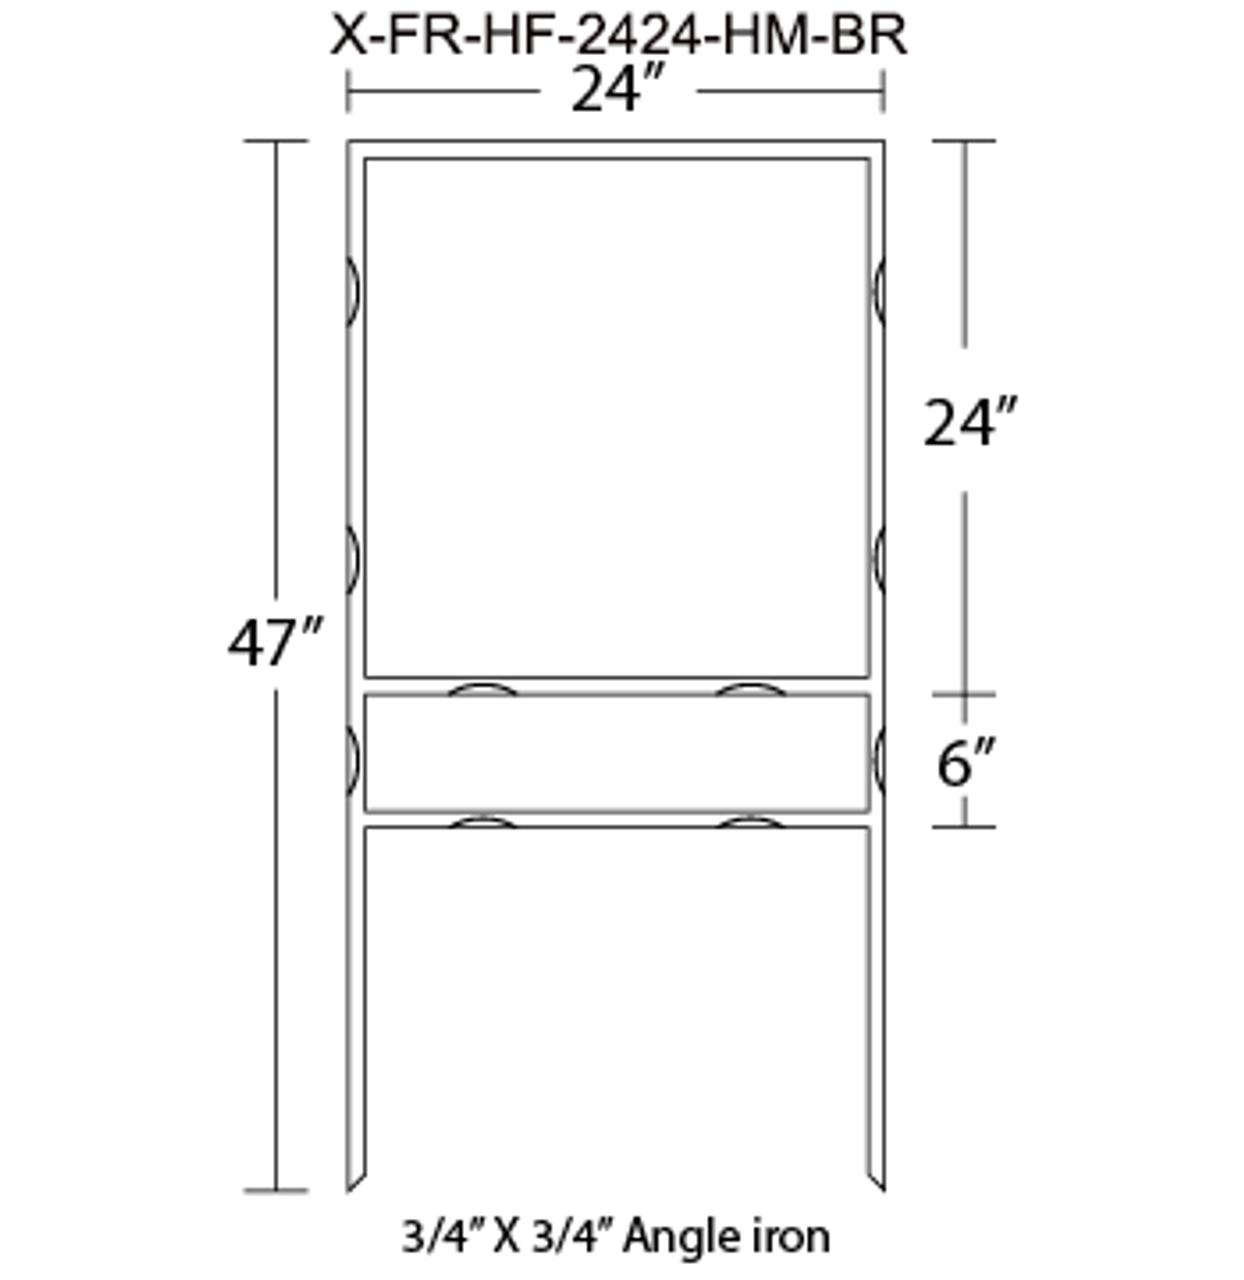 X-FR-HF-2424-HM-BR